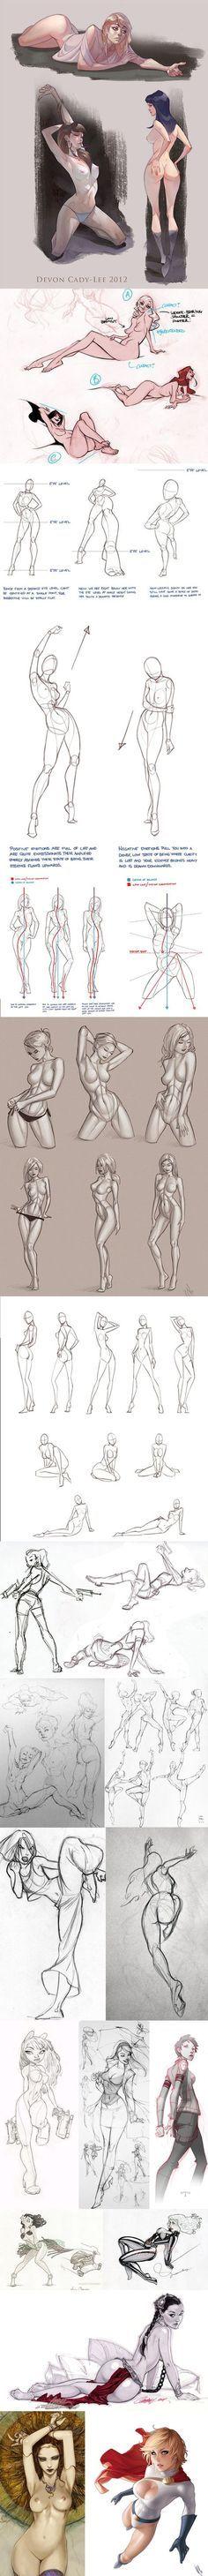 Références corps de femme